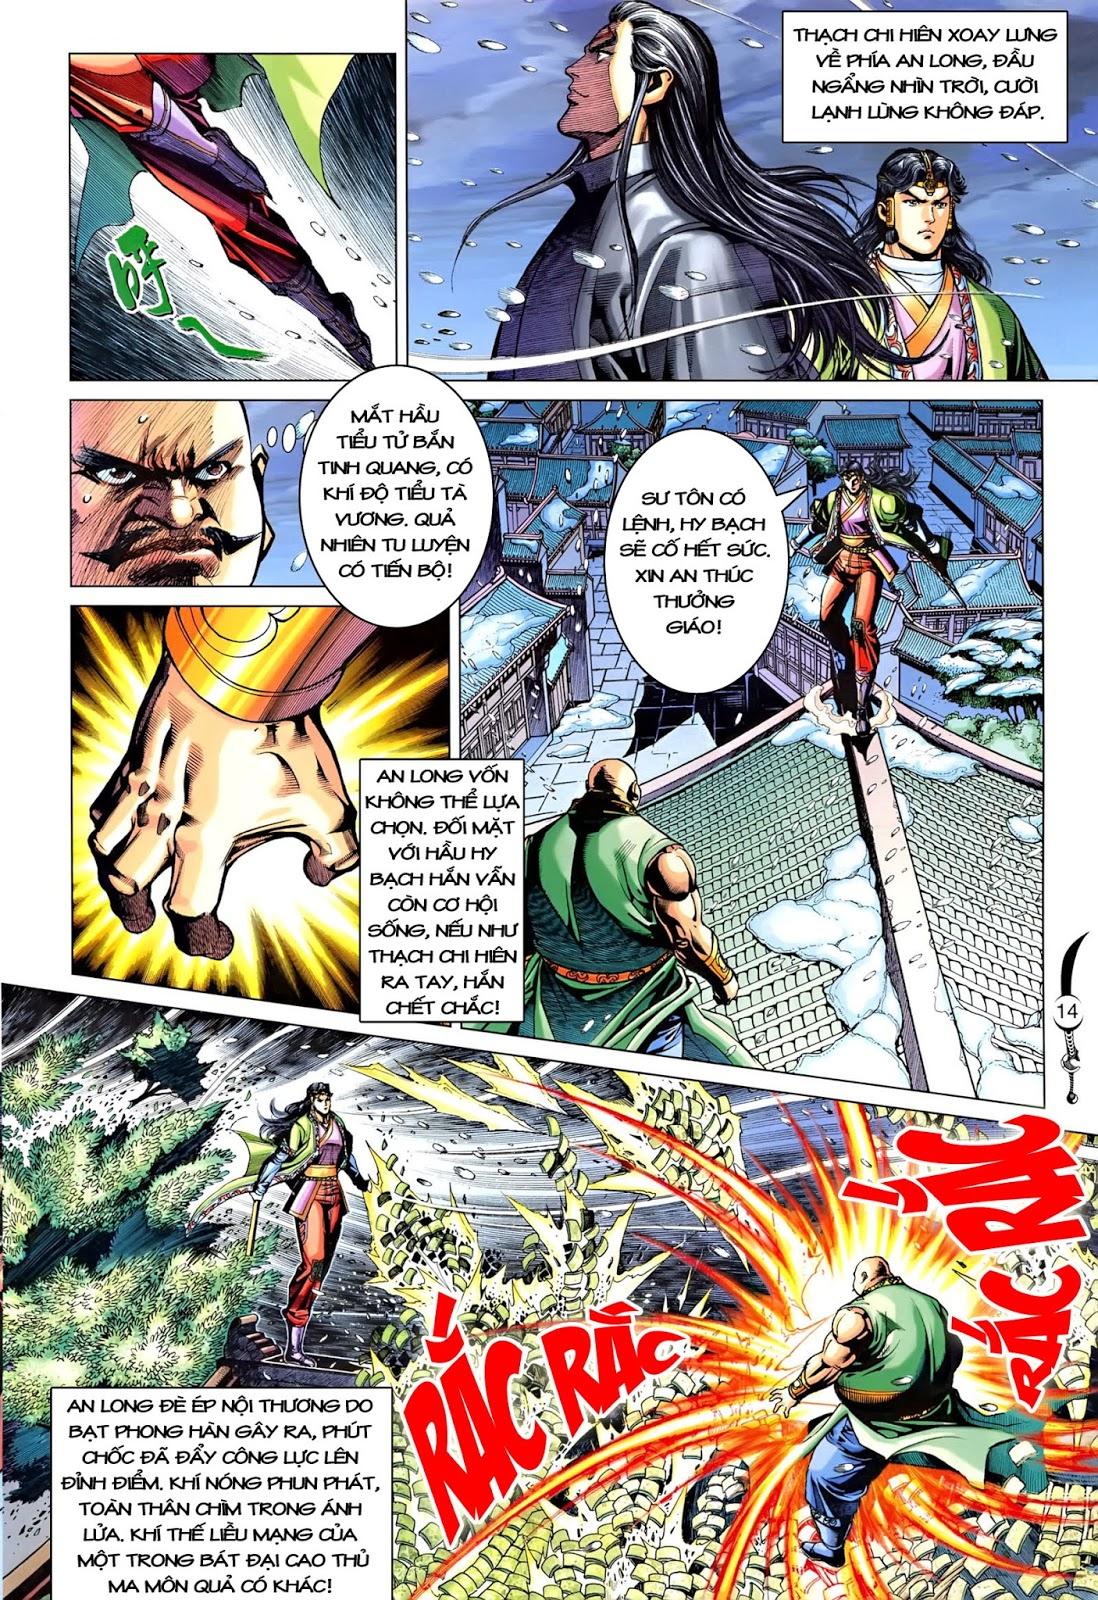 Đại Đường Song Long Truyện chap 218 - Trang 16